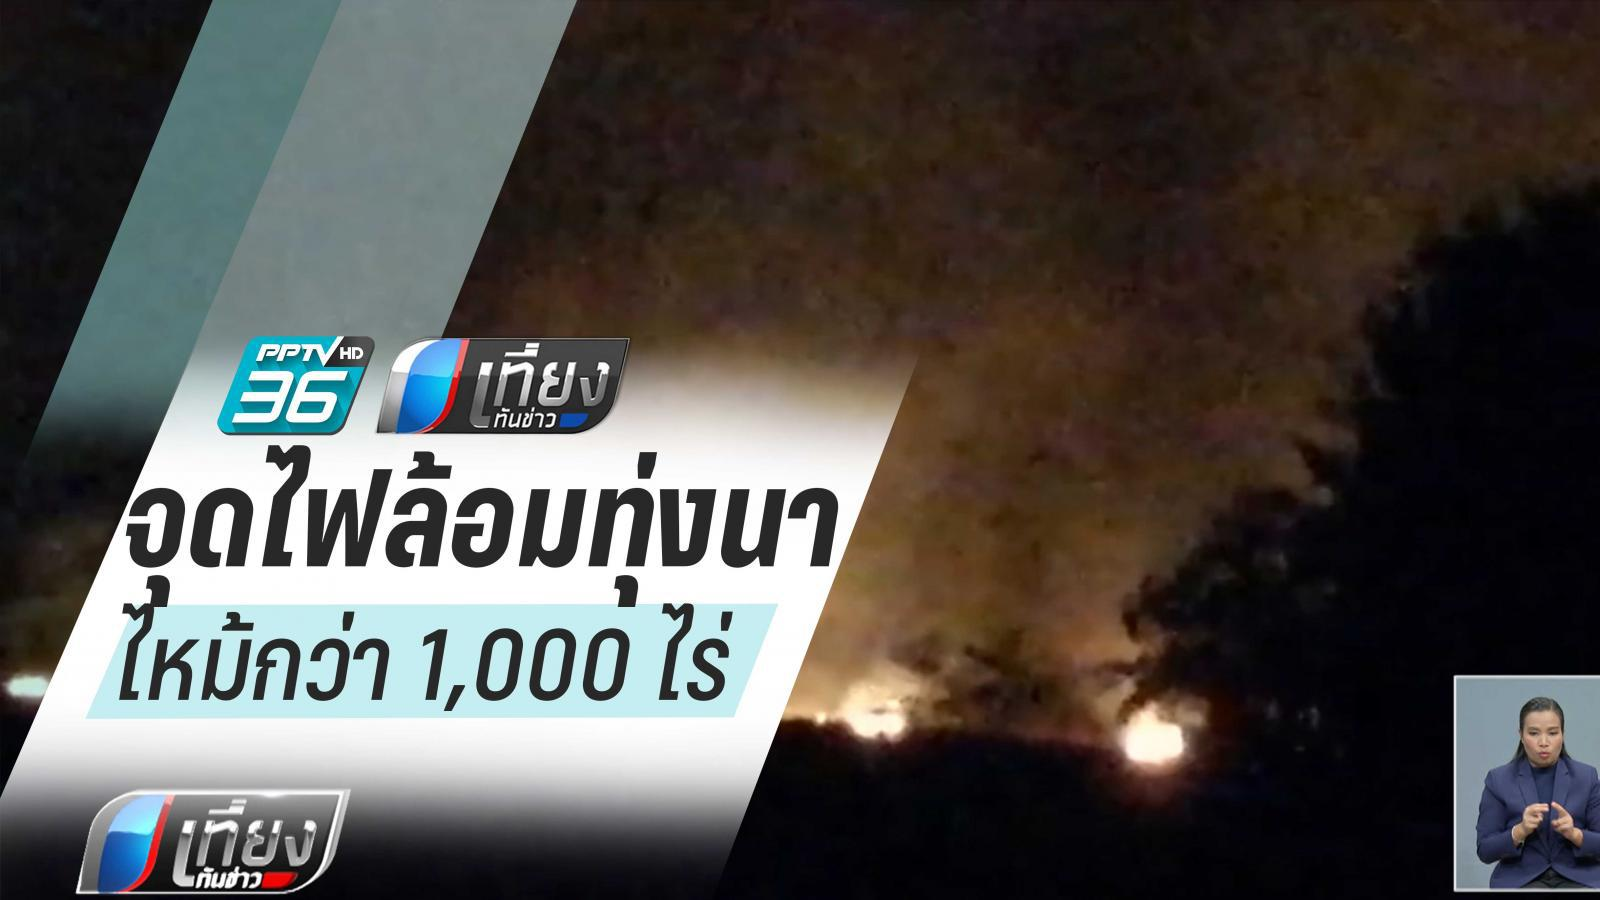 ชาวบ้านจุดไฟล้อมทุ่งนาดักหนู ทำไฟไหม้กว่า 1,000 ไร่